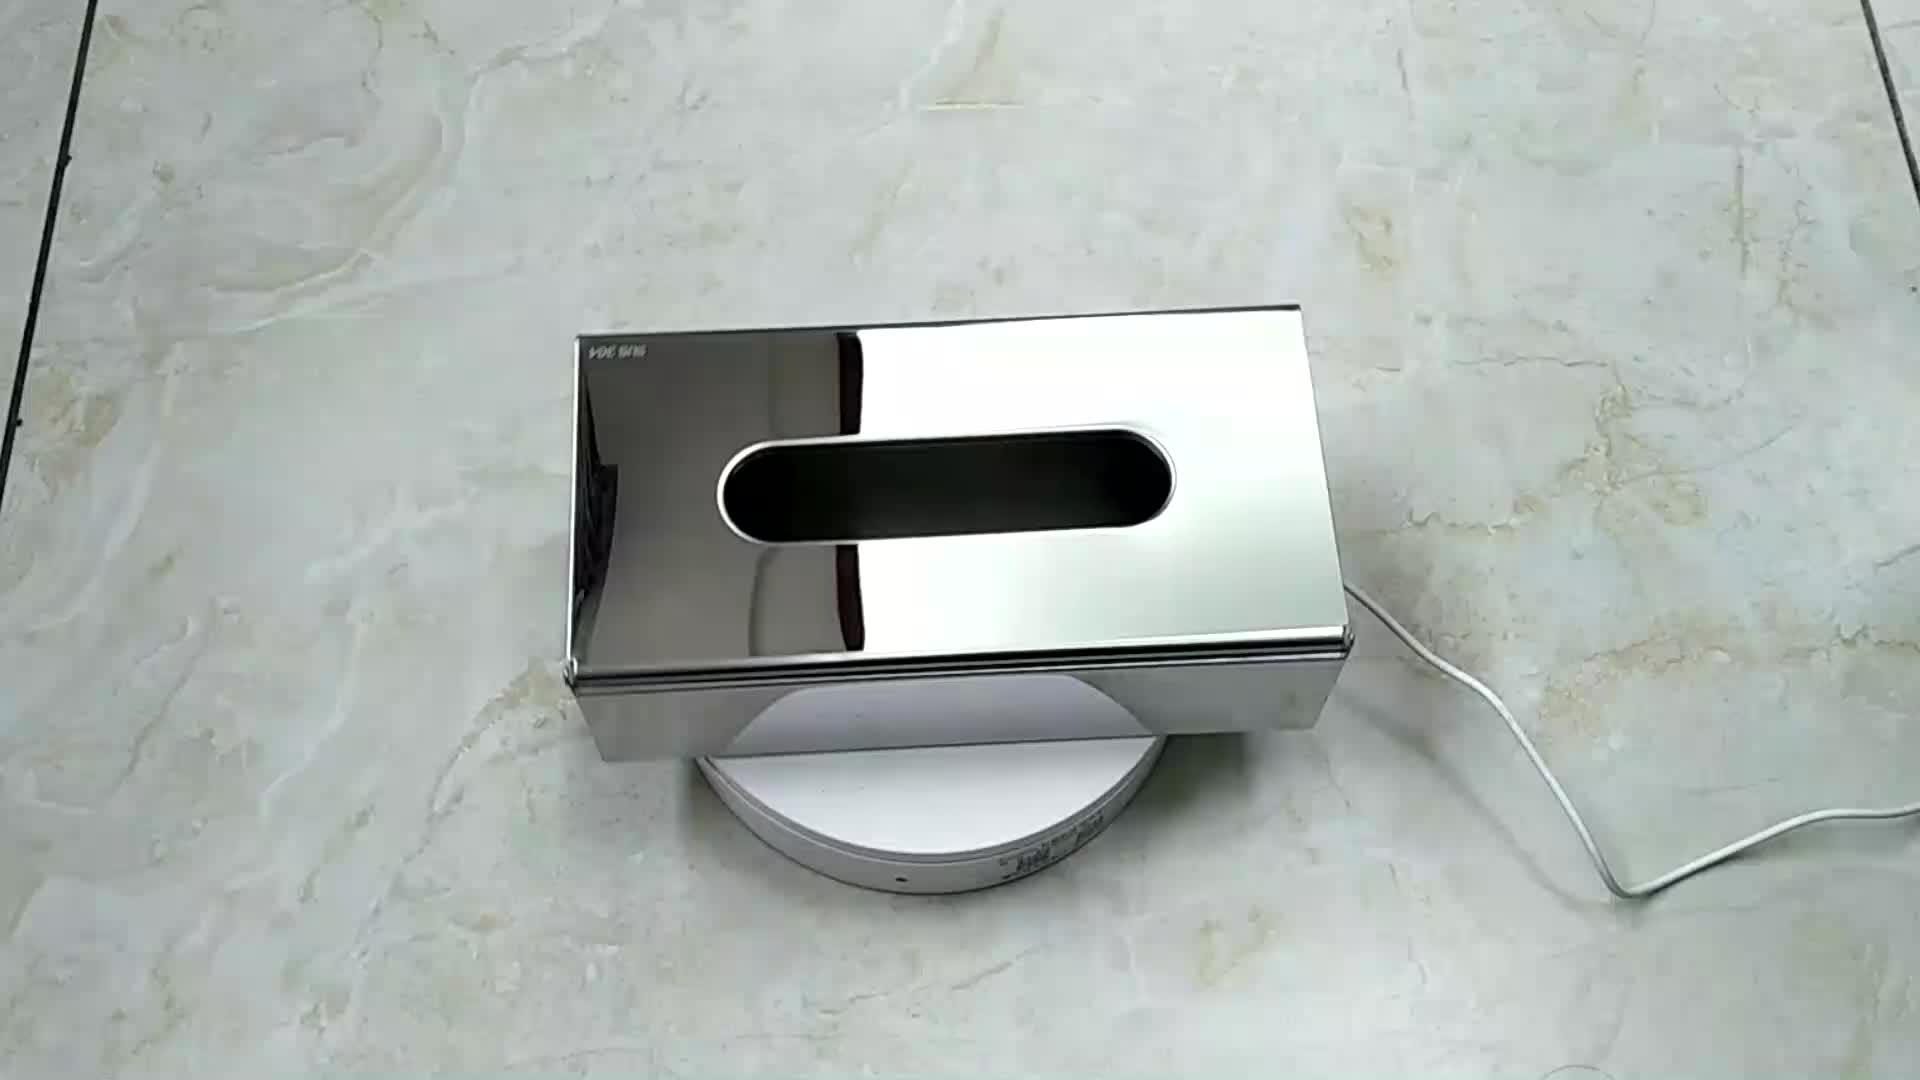 Cuboid 다기능 미러 완료 304 스테인레스 스틸 벽 마운트 테이블 냅킨 티슈 상자